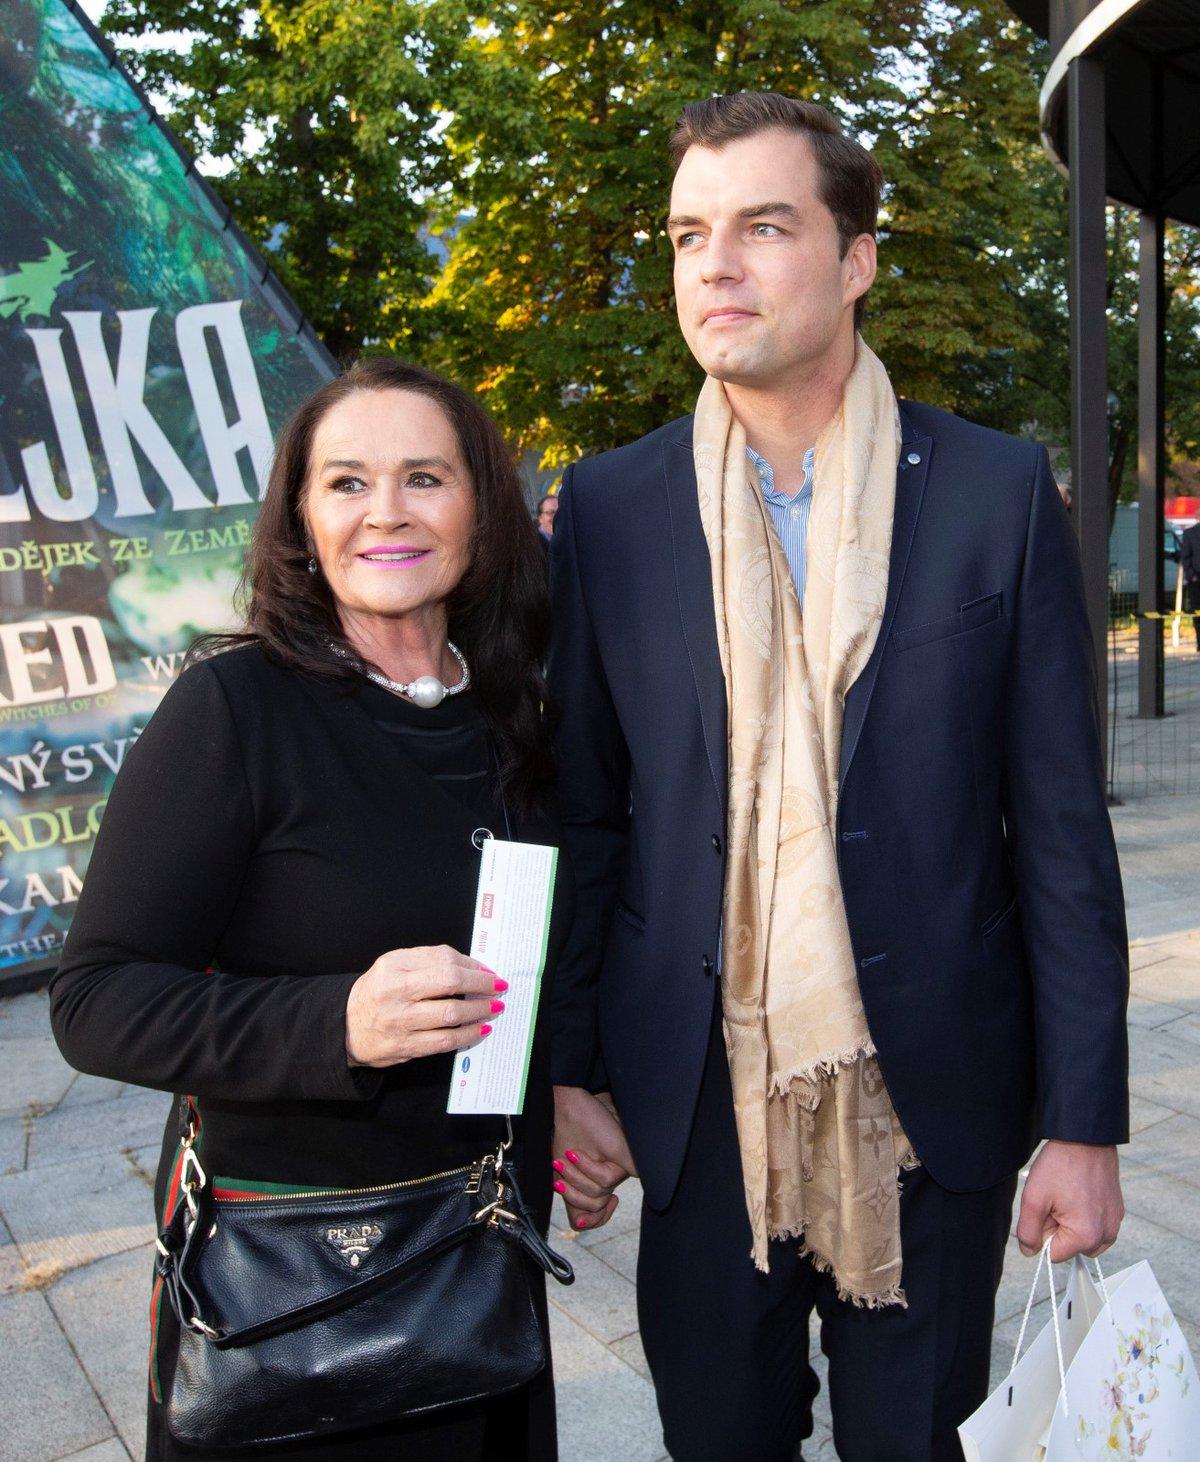 Premiéra muzikálu Čarodějka: Hana Gregorová a Ondřej Koptík